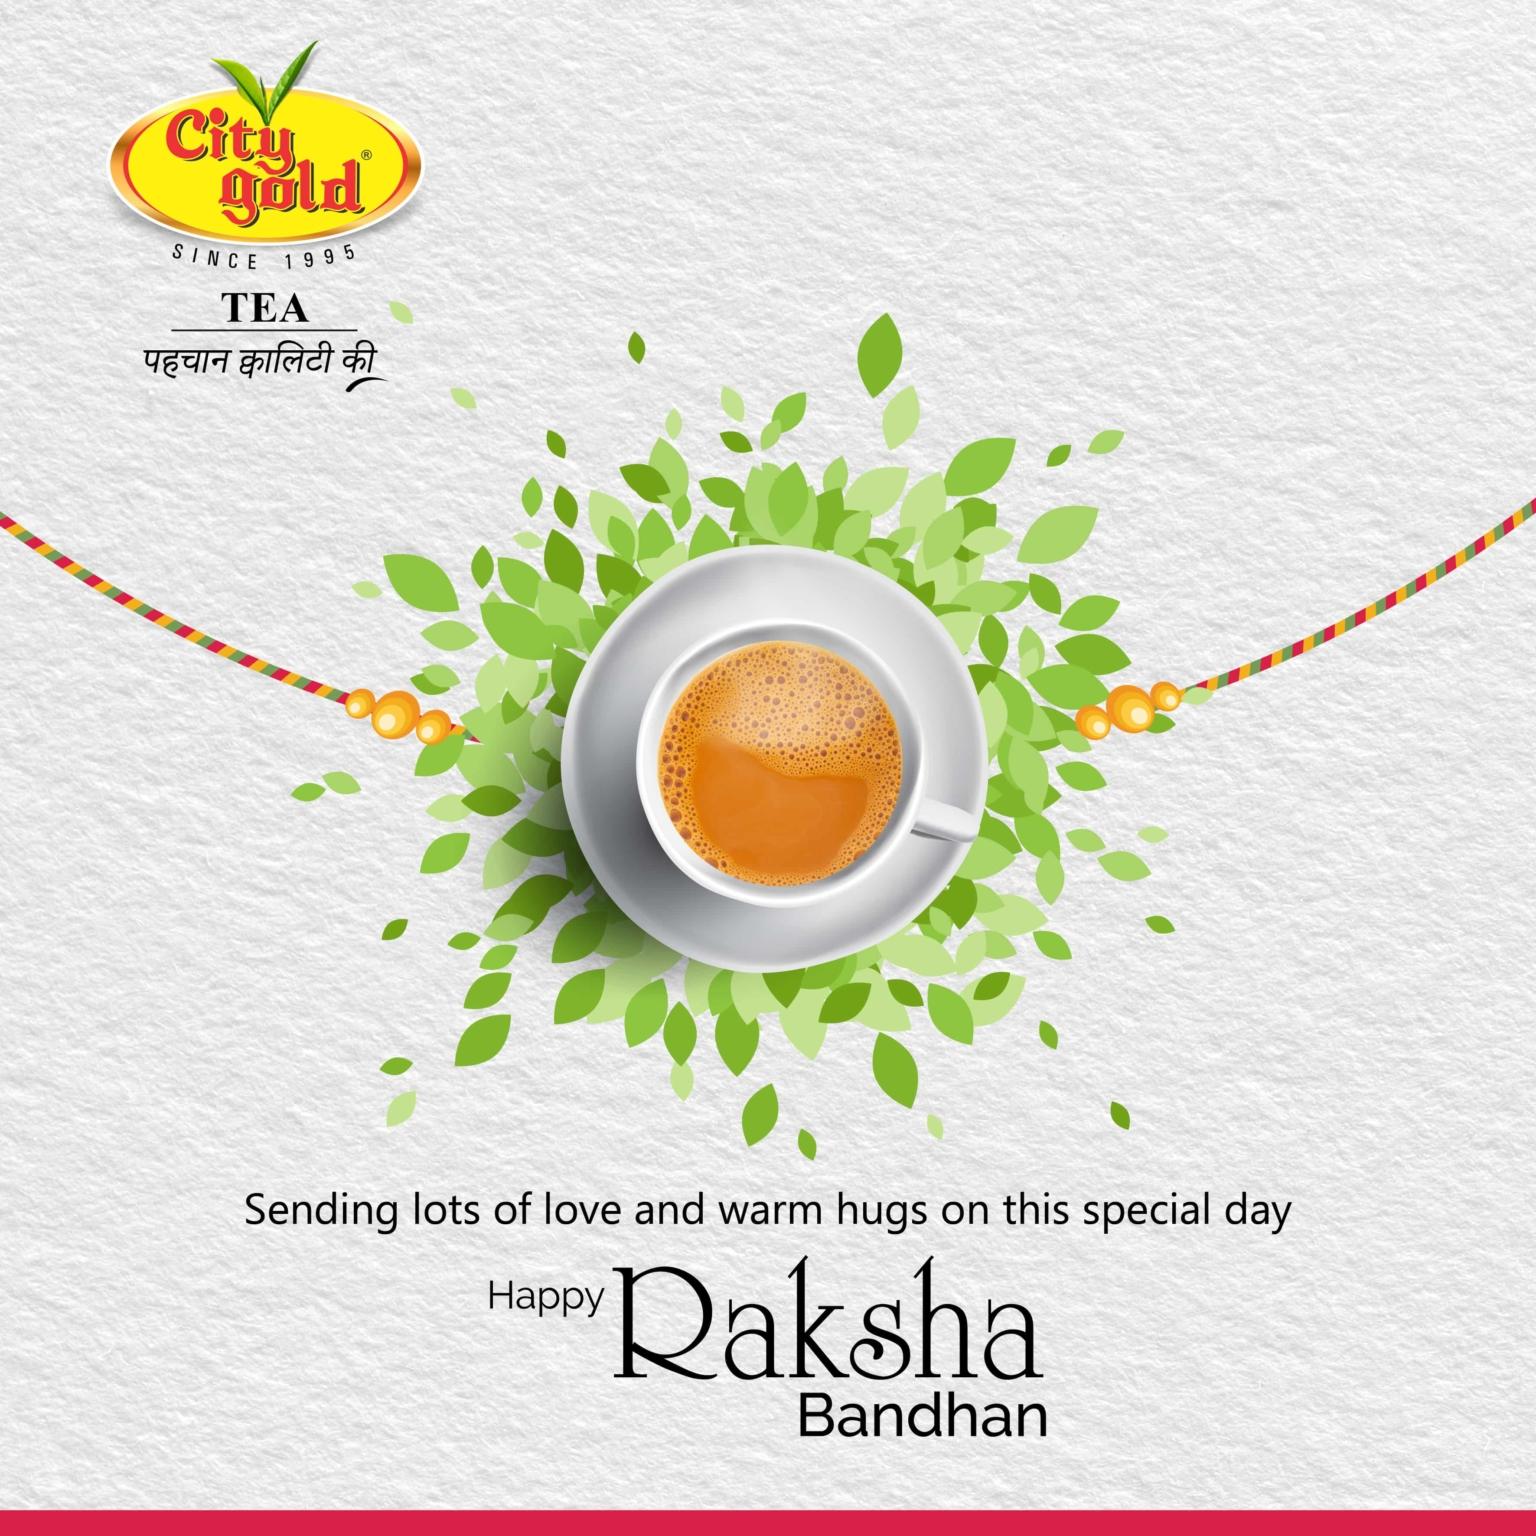 Raksha bandhan Selected - season greetings - 1500